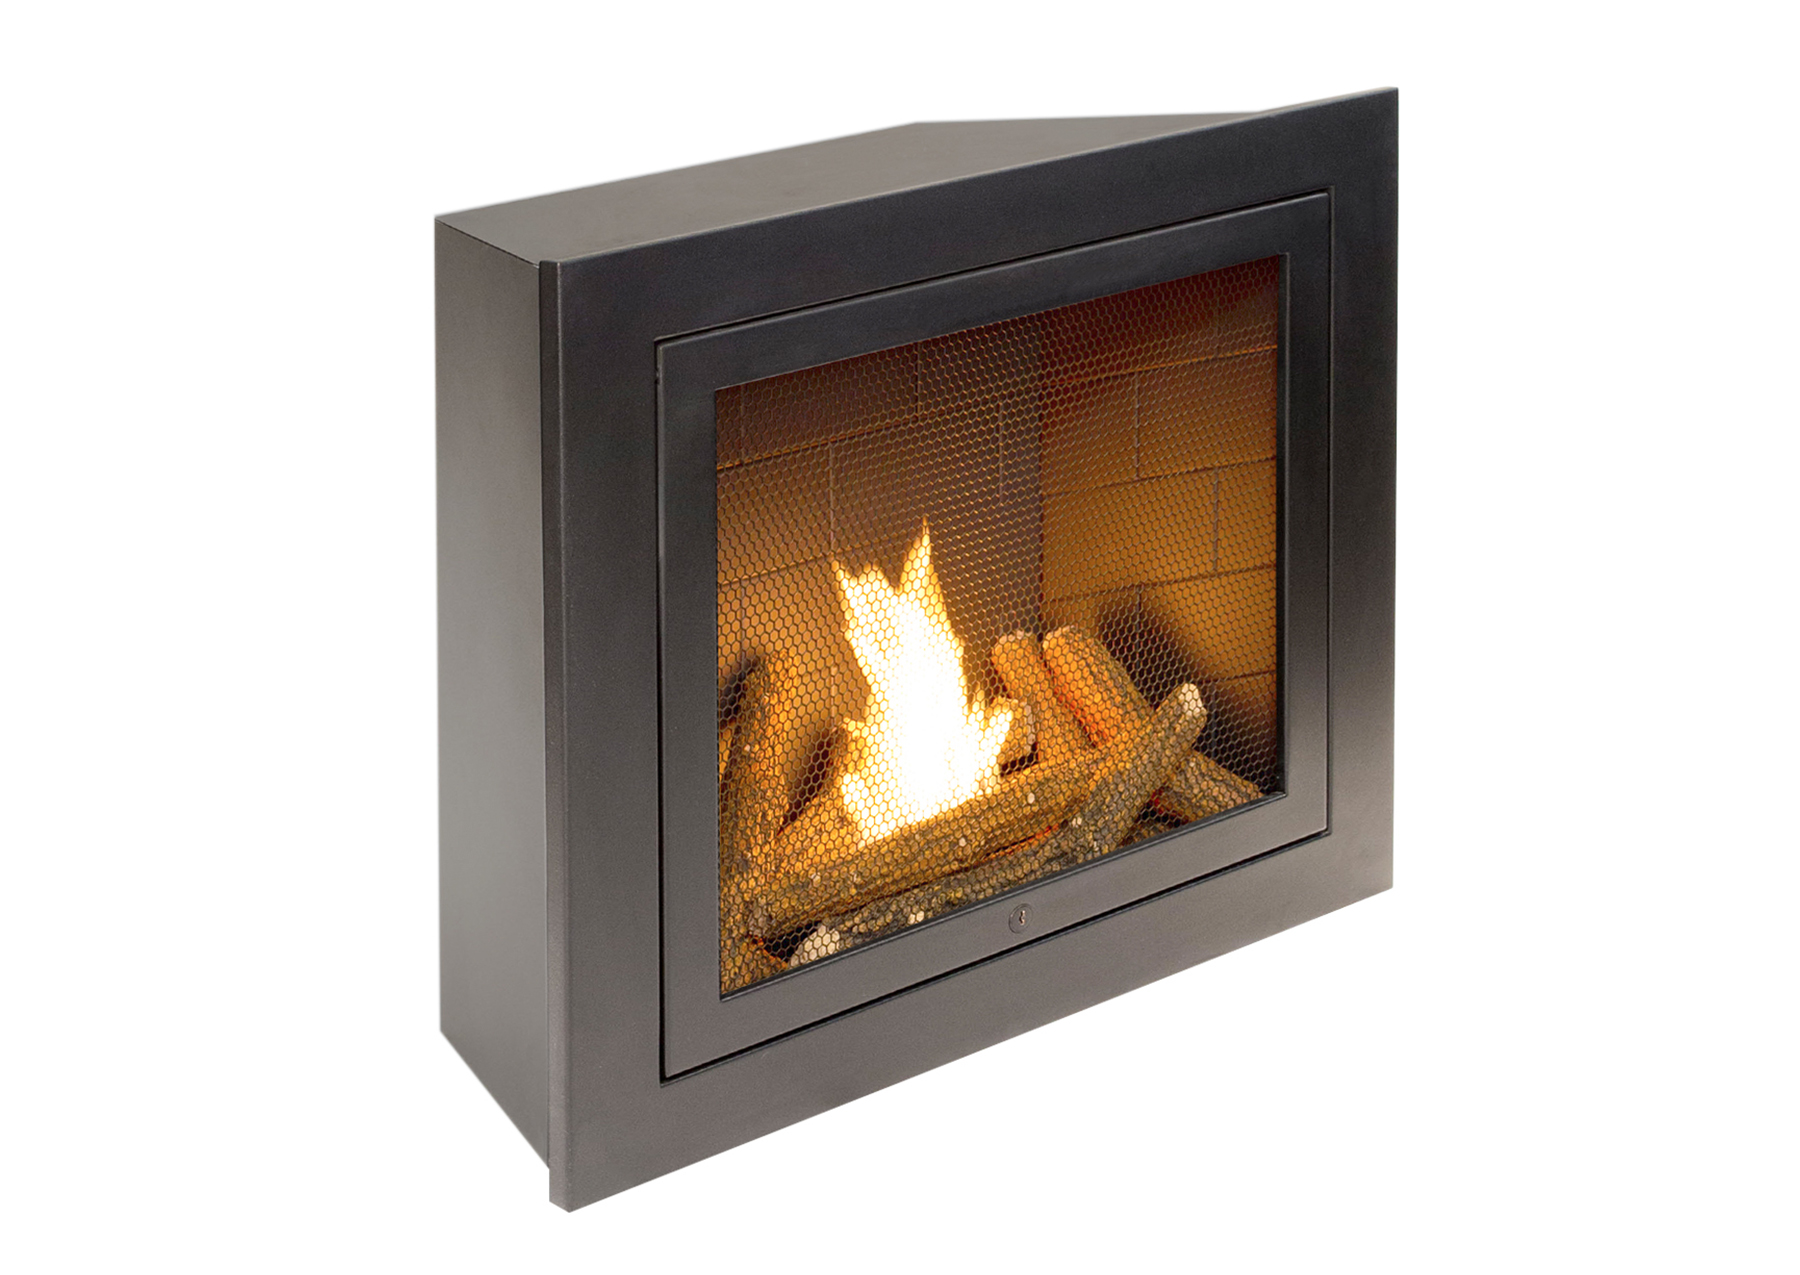 Small Fireplace Insert